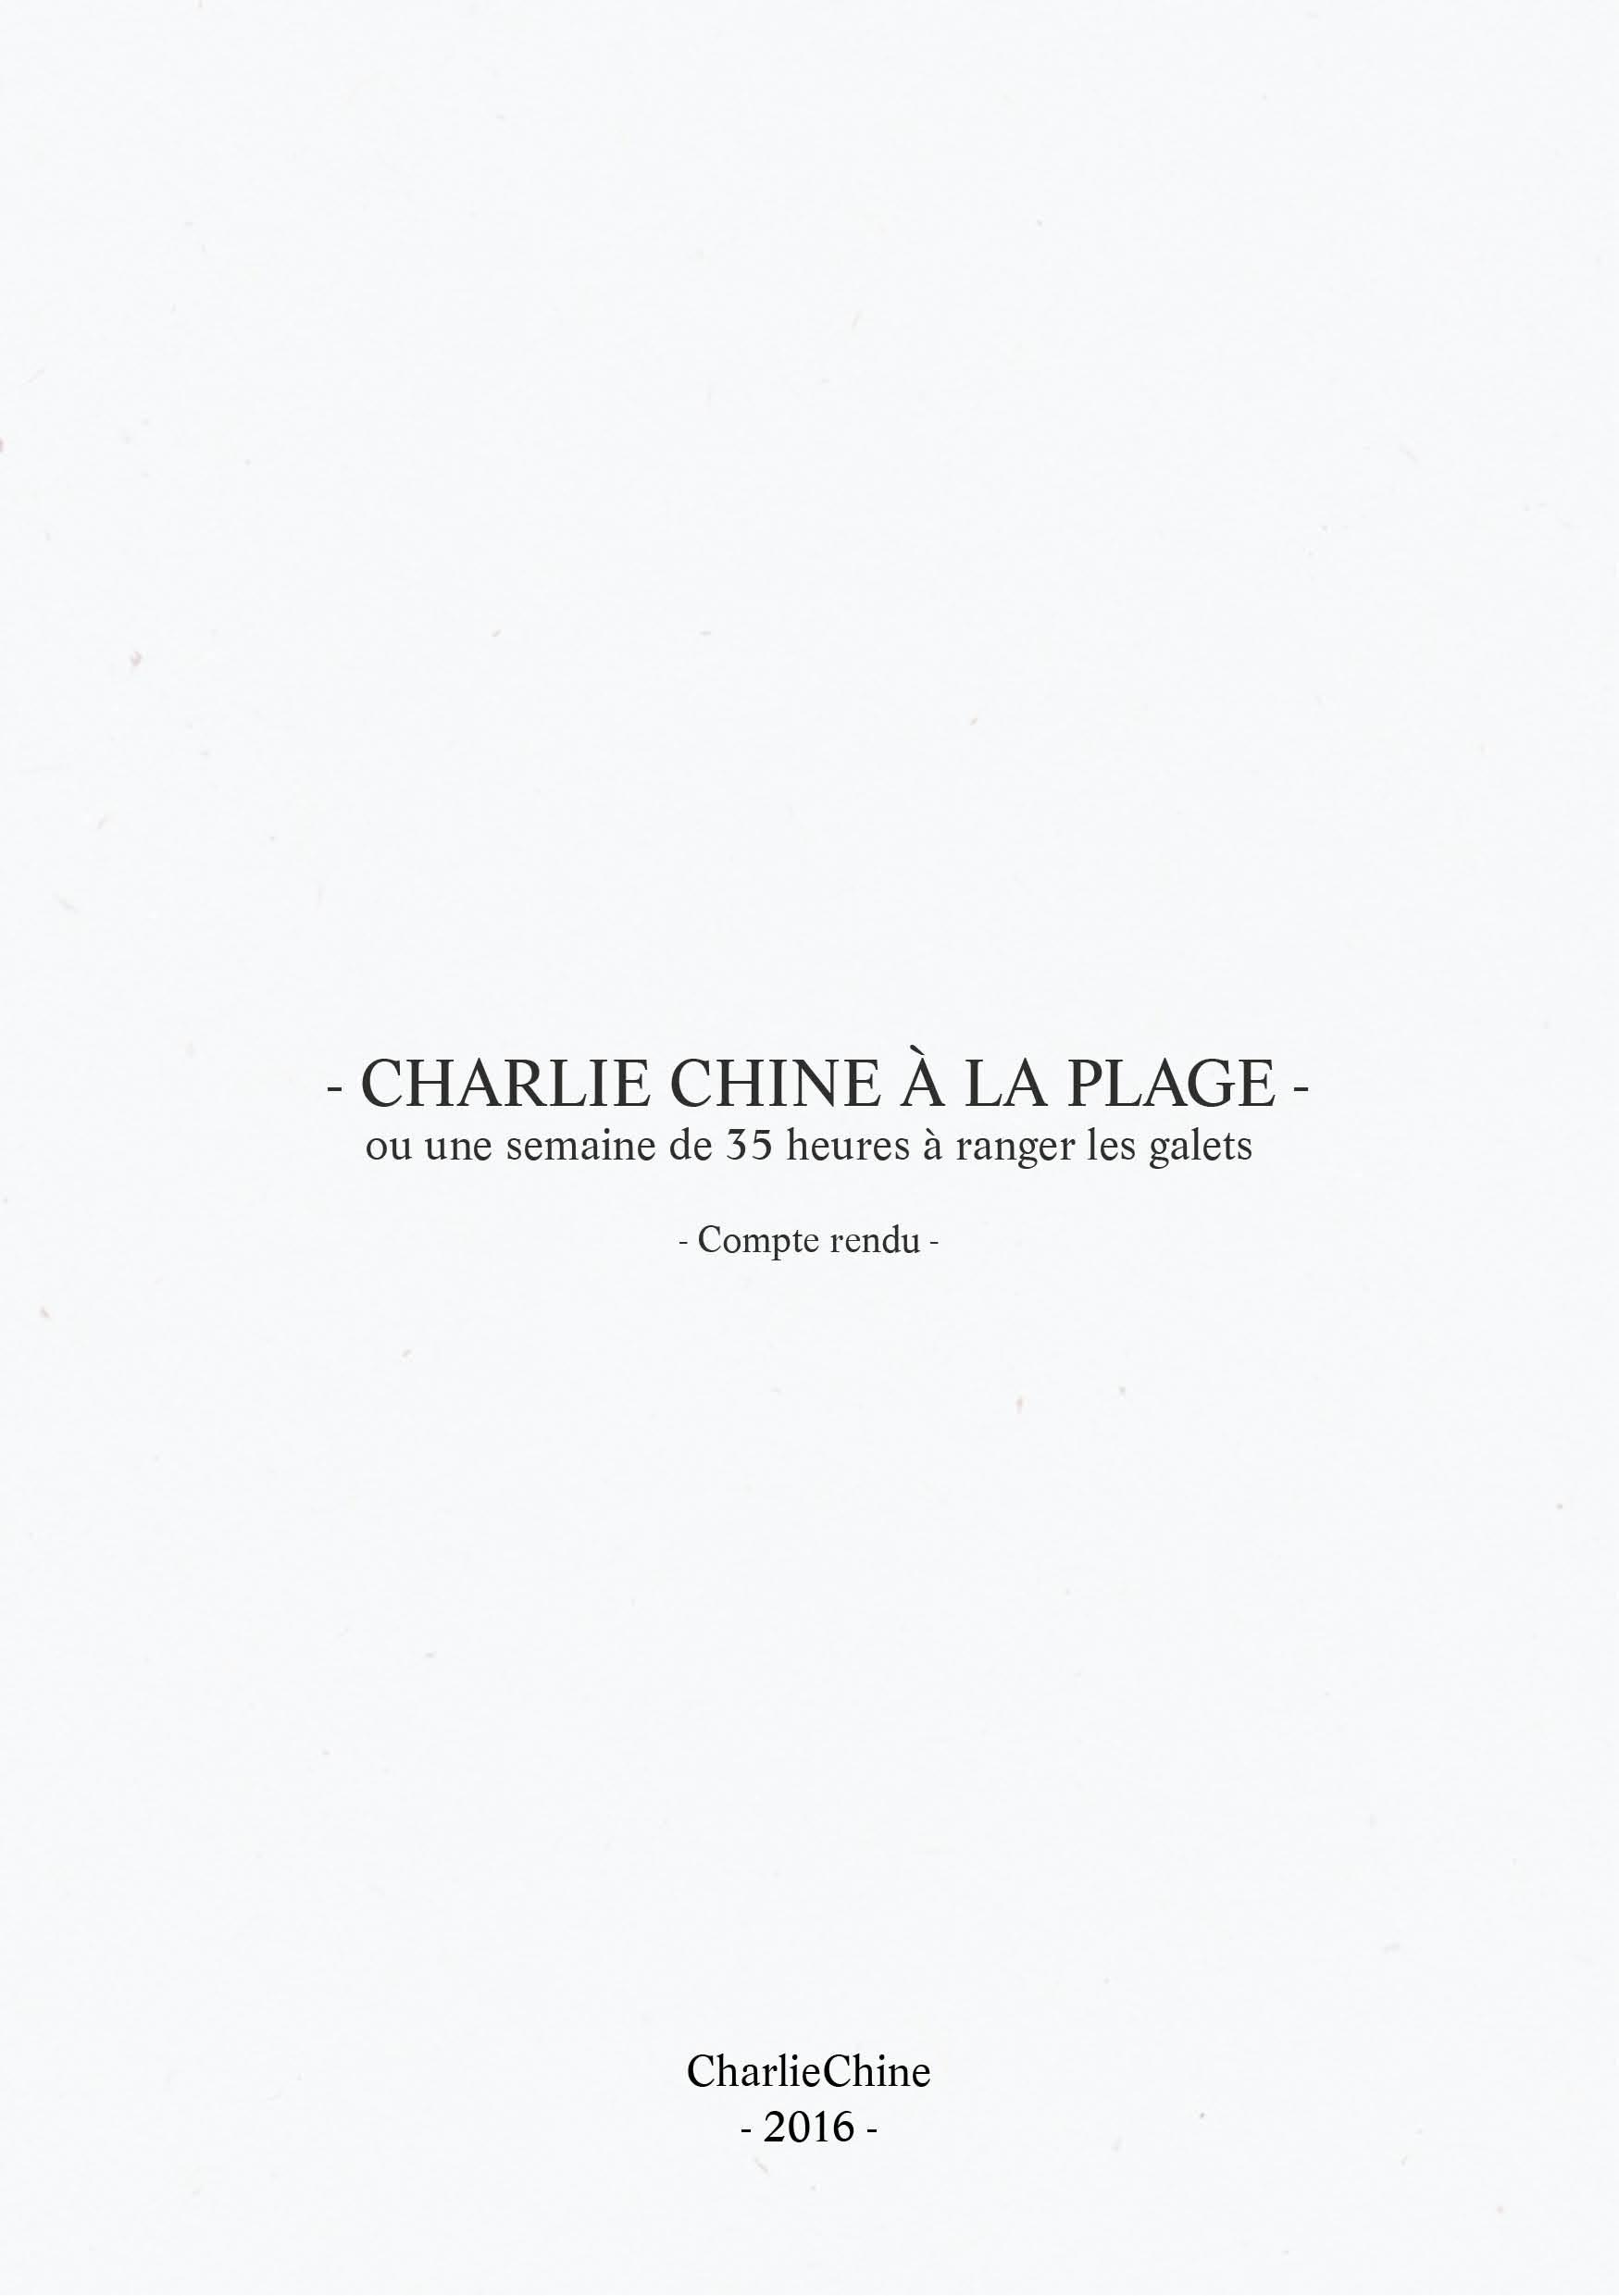 2016_CharlieChine_ALaPlage©CharlieChine_VersionWeb